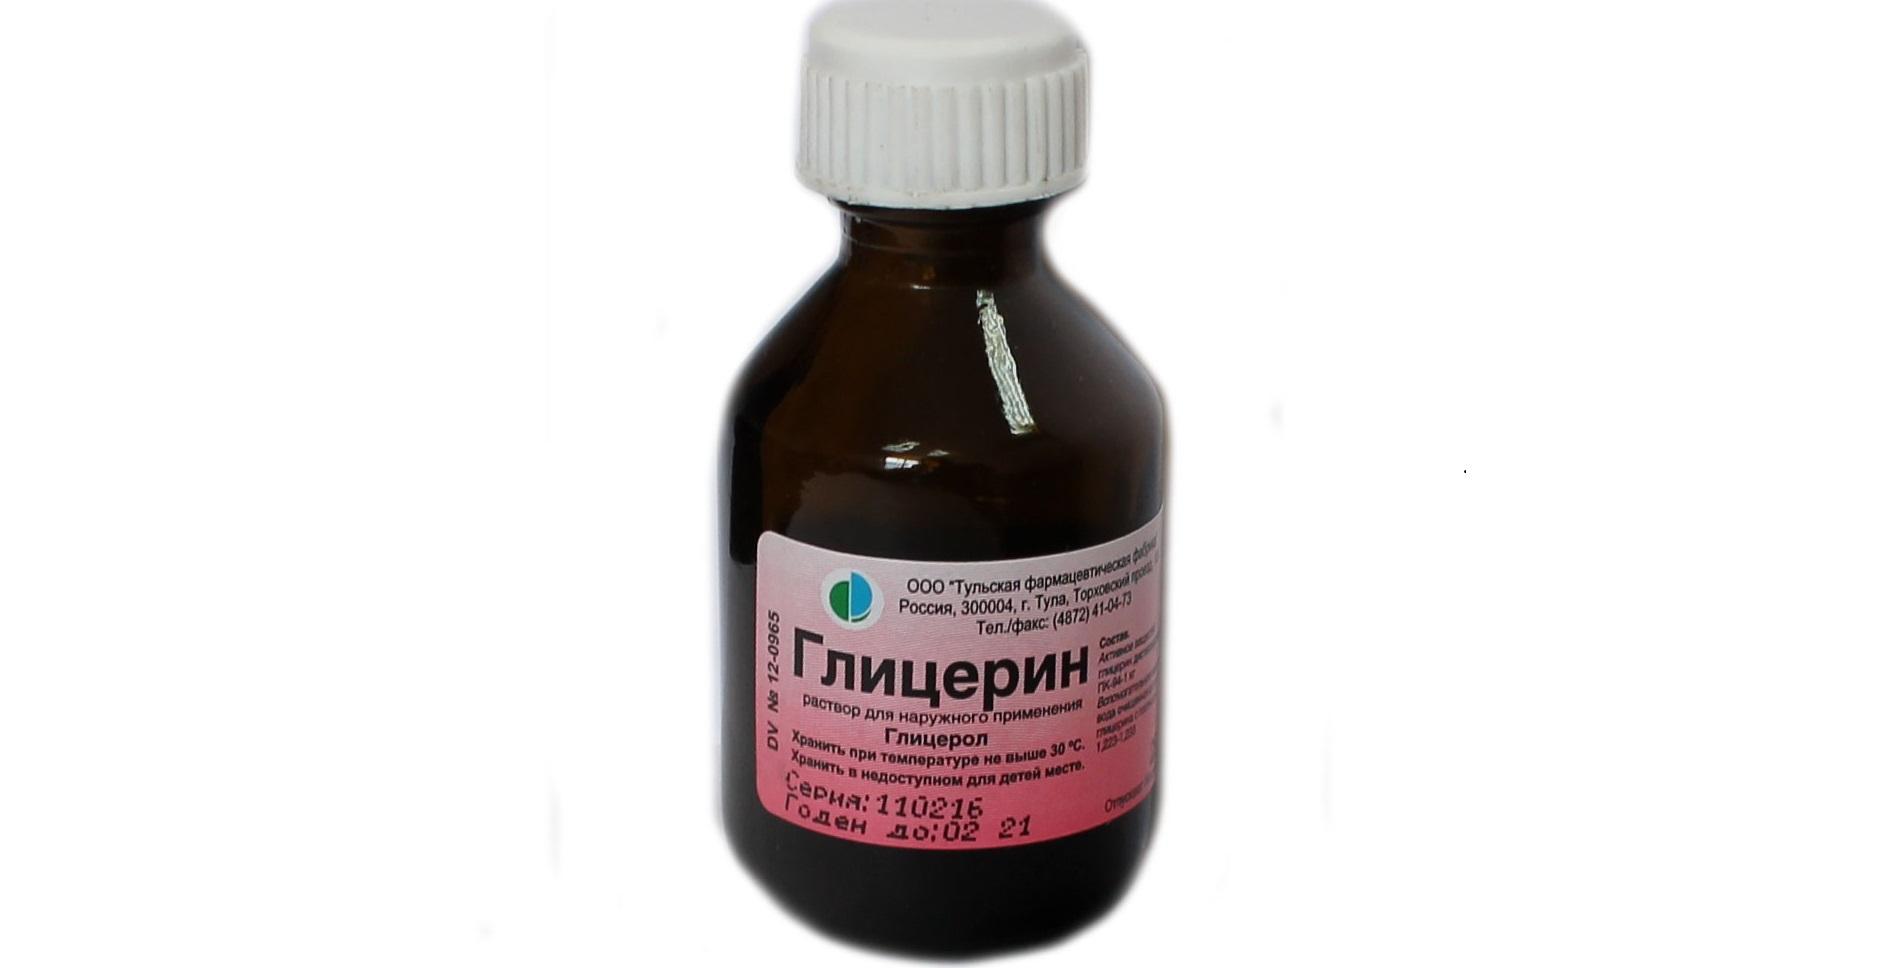 для удаления пятен используем глицерин